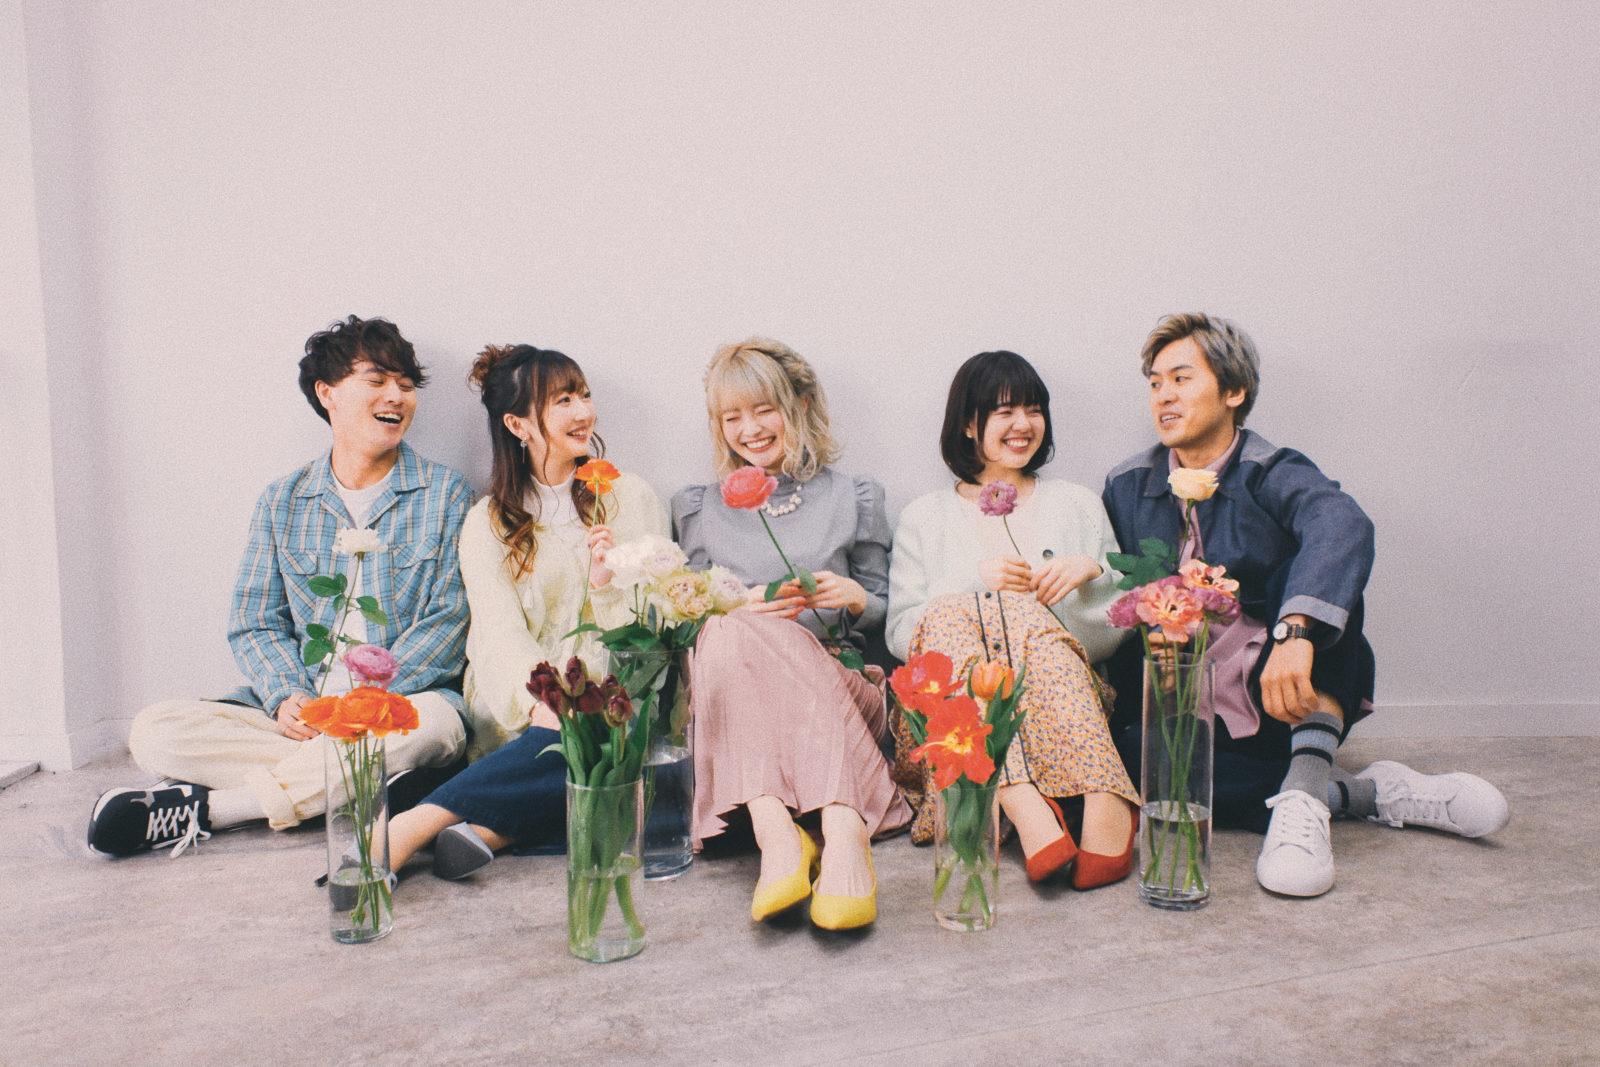 """Nagie Lane、2作目となるミニアルバム """"Dramatique"""" のリリース&直前に新曲「花と蜜」の初披露も決定サムネイル画像"""